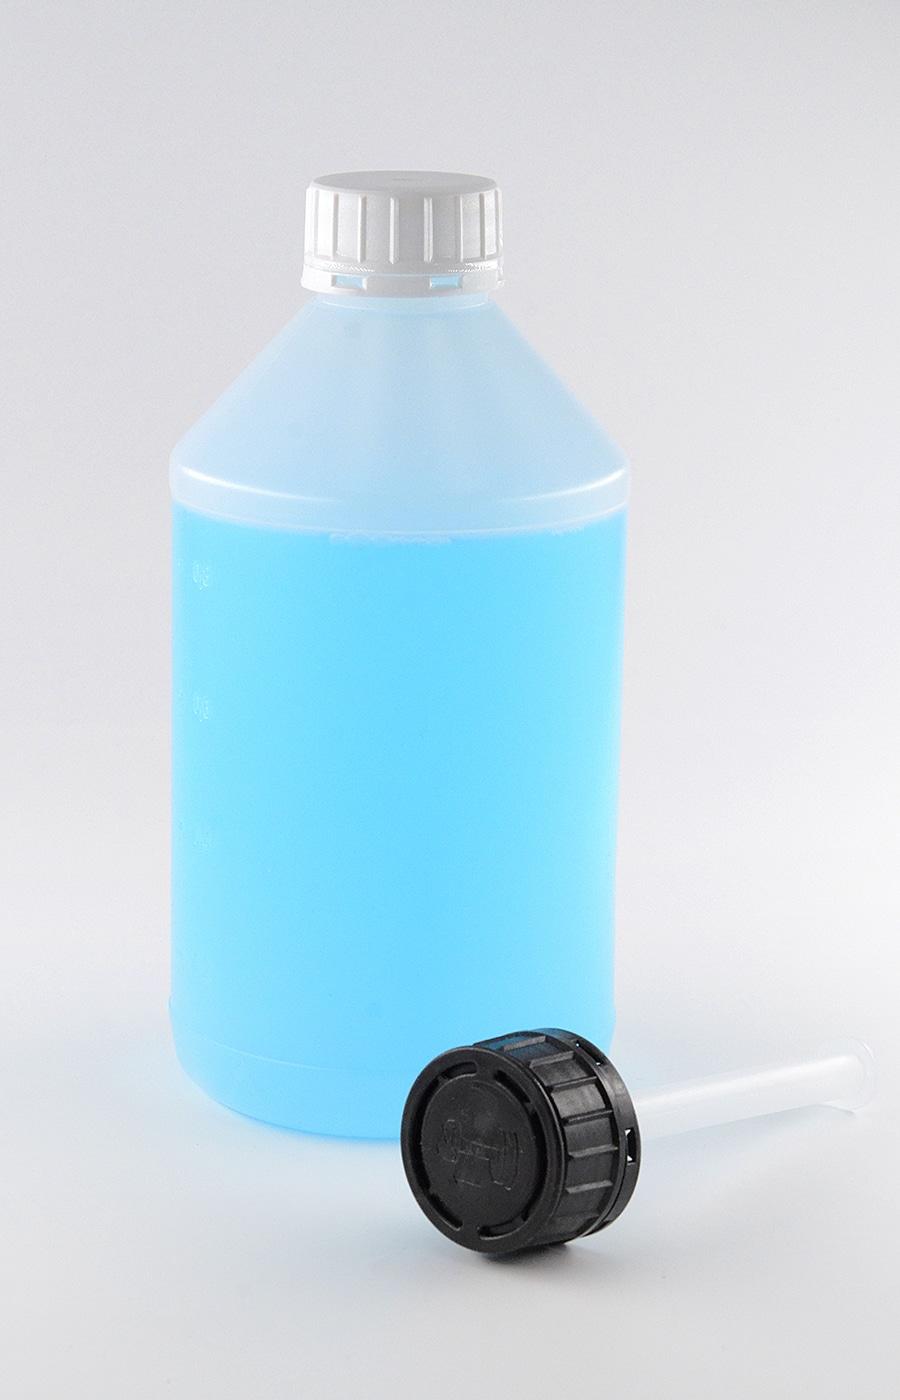 Kunststoffflaschen PE 1 Liter, mit Verschluss (geeignet für Ethanol 96% / Desinfektionsmittel) –WEDTHOFF Industrieverpackungen - RFL1000 - 02